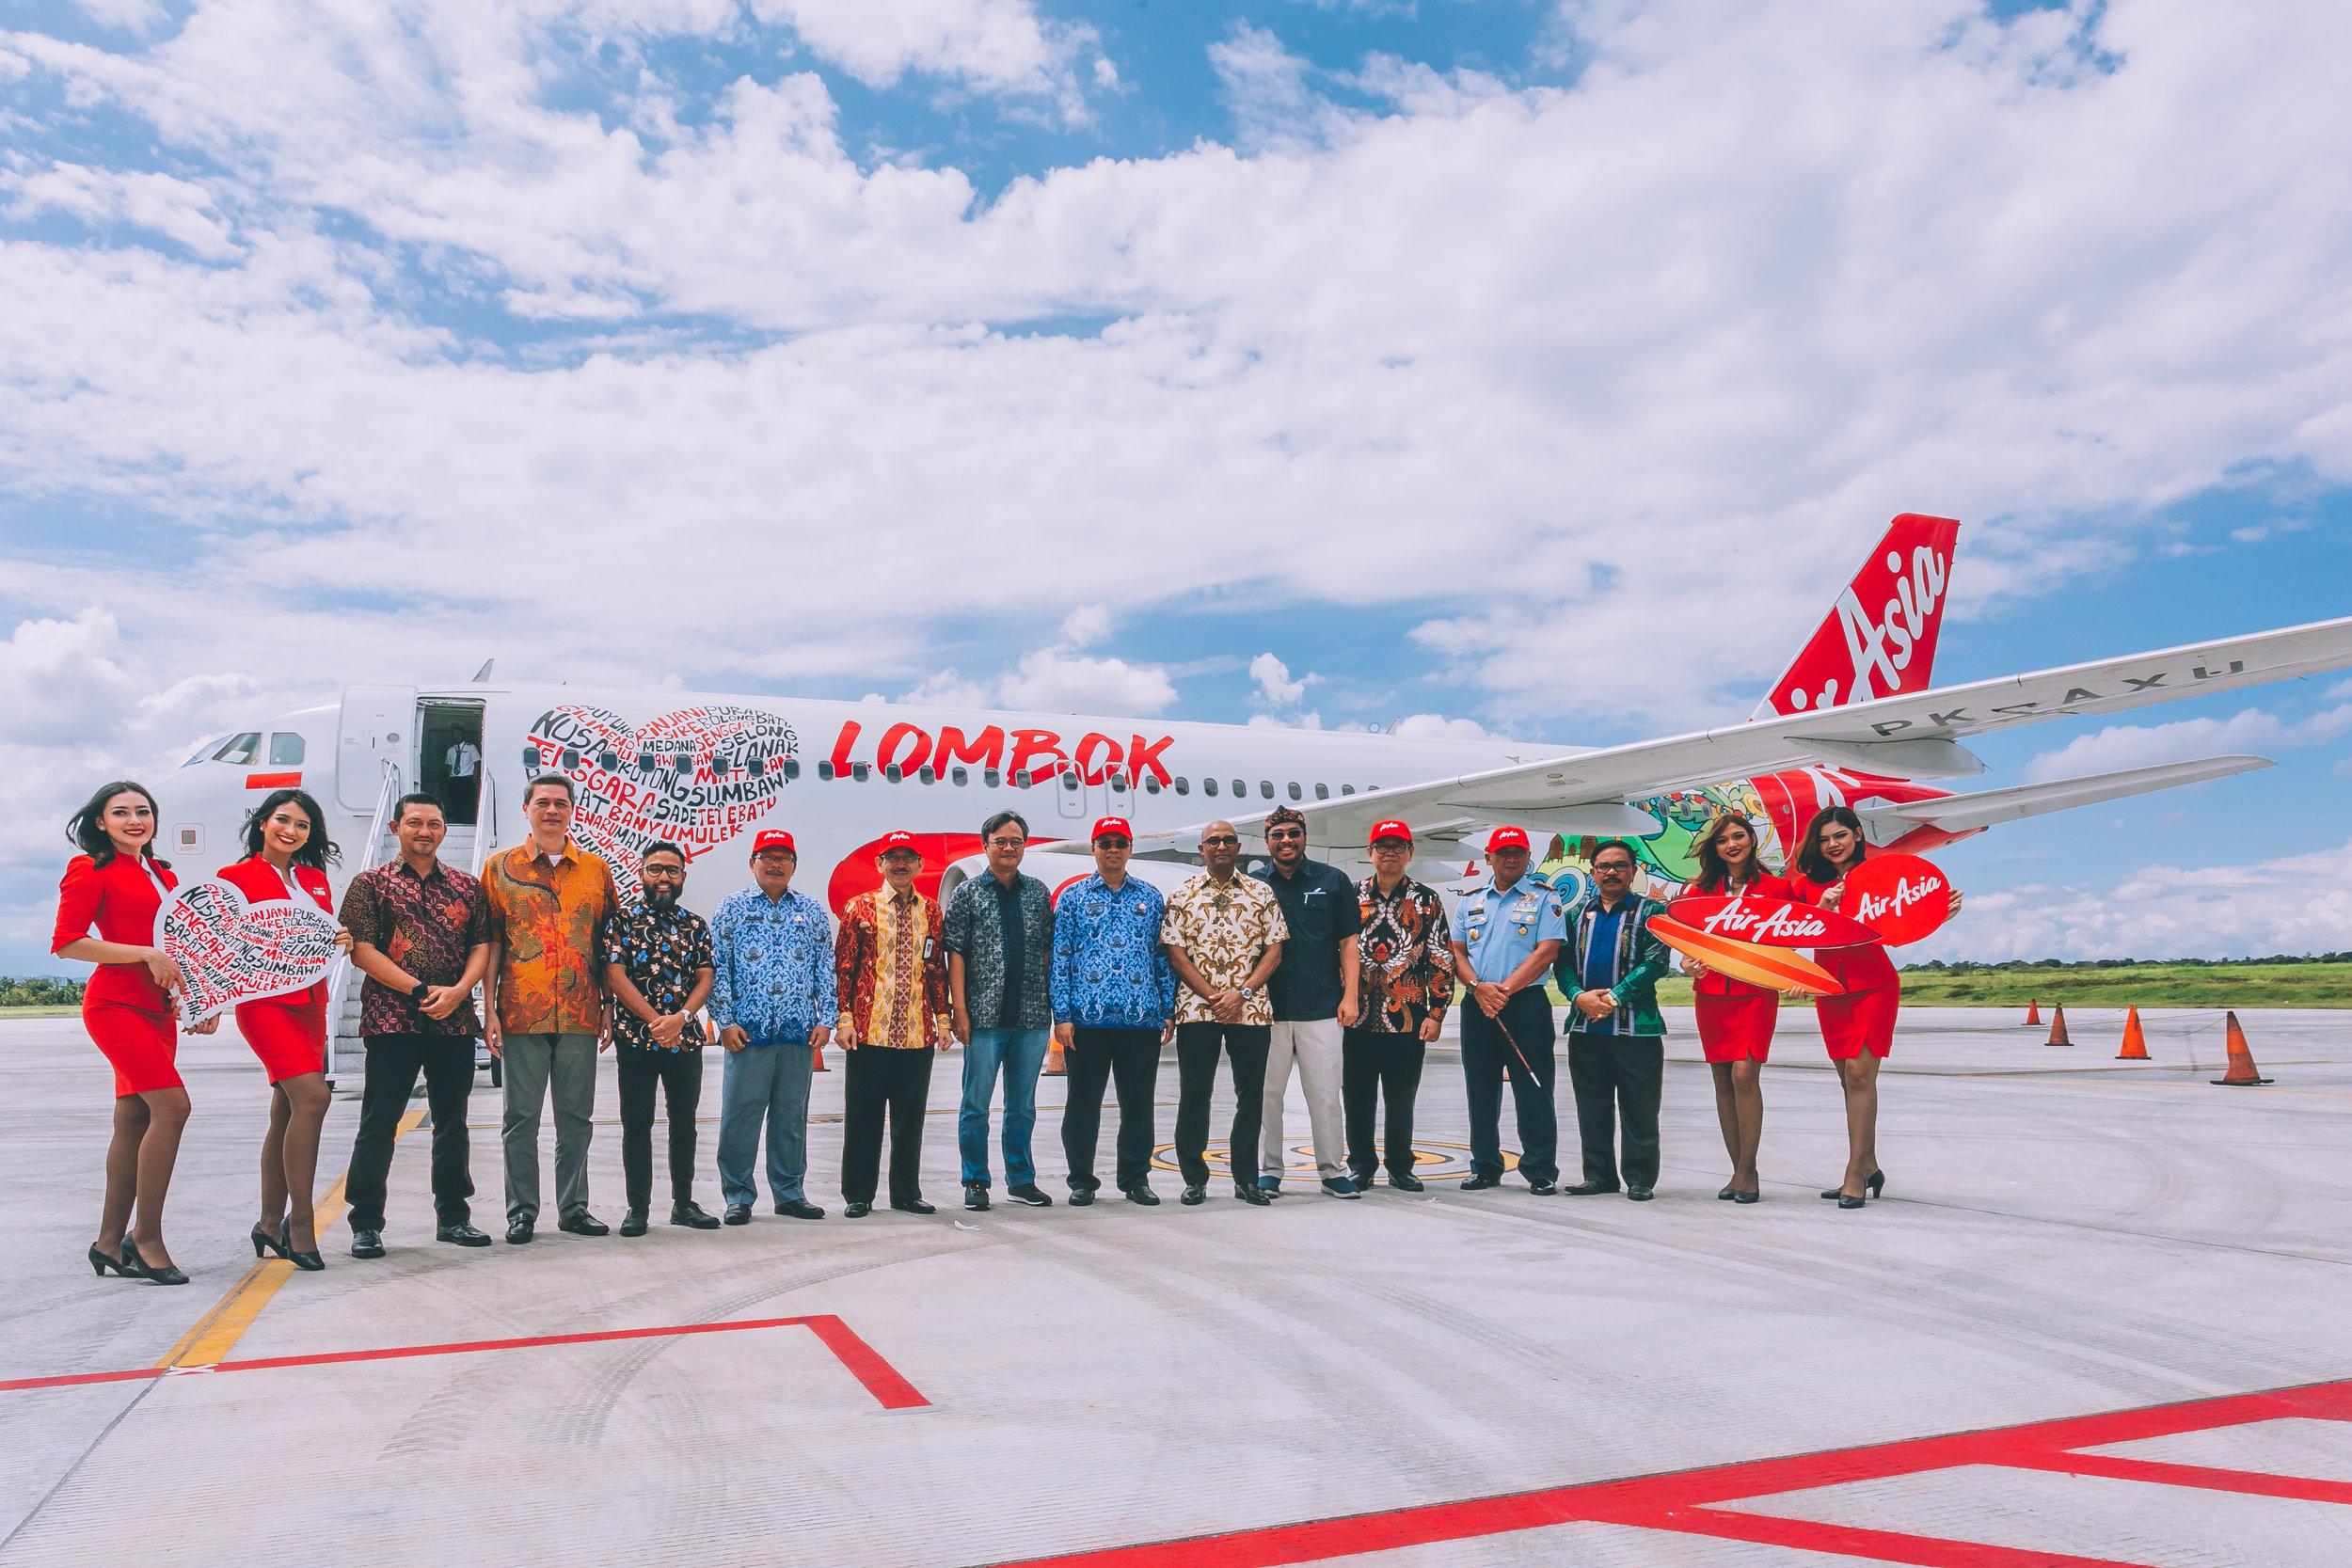 """Keterangan Gambar:  Gabenor Nusa Tenggara Barat Dr H Zulkifliemansyah SE Msc (sembilan dari kiri), diiringi oleh Timbalan Ketua Pegawai Eksekutif Kumpulan AirAsia (Penerbangan) Bo Lingam dan Pengarah Hubungan dan Pembangunan Perniagaan Antarabangsa Angkasa Pura I Sardjono Jhonny Tjitrokusumo (kiri), Ketua Pegawai Eksekutif AirAsia Indonesia Dendy Kurniawan dan Kakitangan Khas kepada Menteri Pelancongan Indonesia Judi Rifajantoro (di sebelah kanan), dan Pengerusi Eksekutif AirAsia Thailand Tassapon Bijleveld (empat dari kiri) dan Ketua Pegawai Eksekutif AirAsia Malaysia, Riad Asmat (lima dari kiri) di hadapan pesawat AirAsia A320 dengan slogan """"I Love Lombok"""" ."""